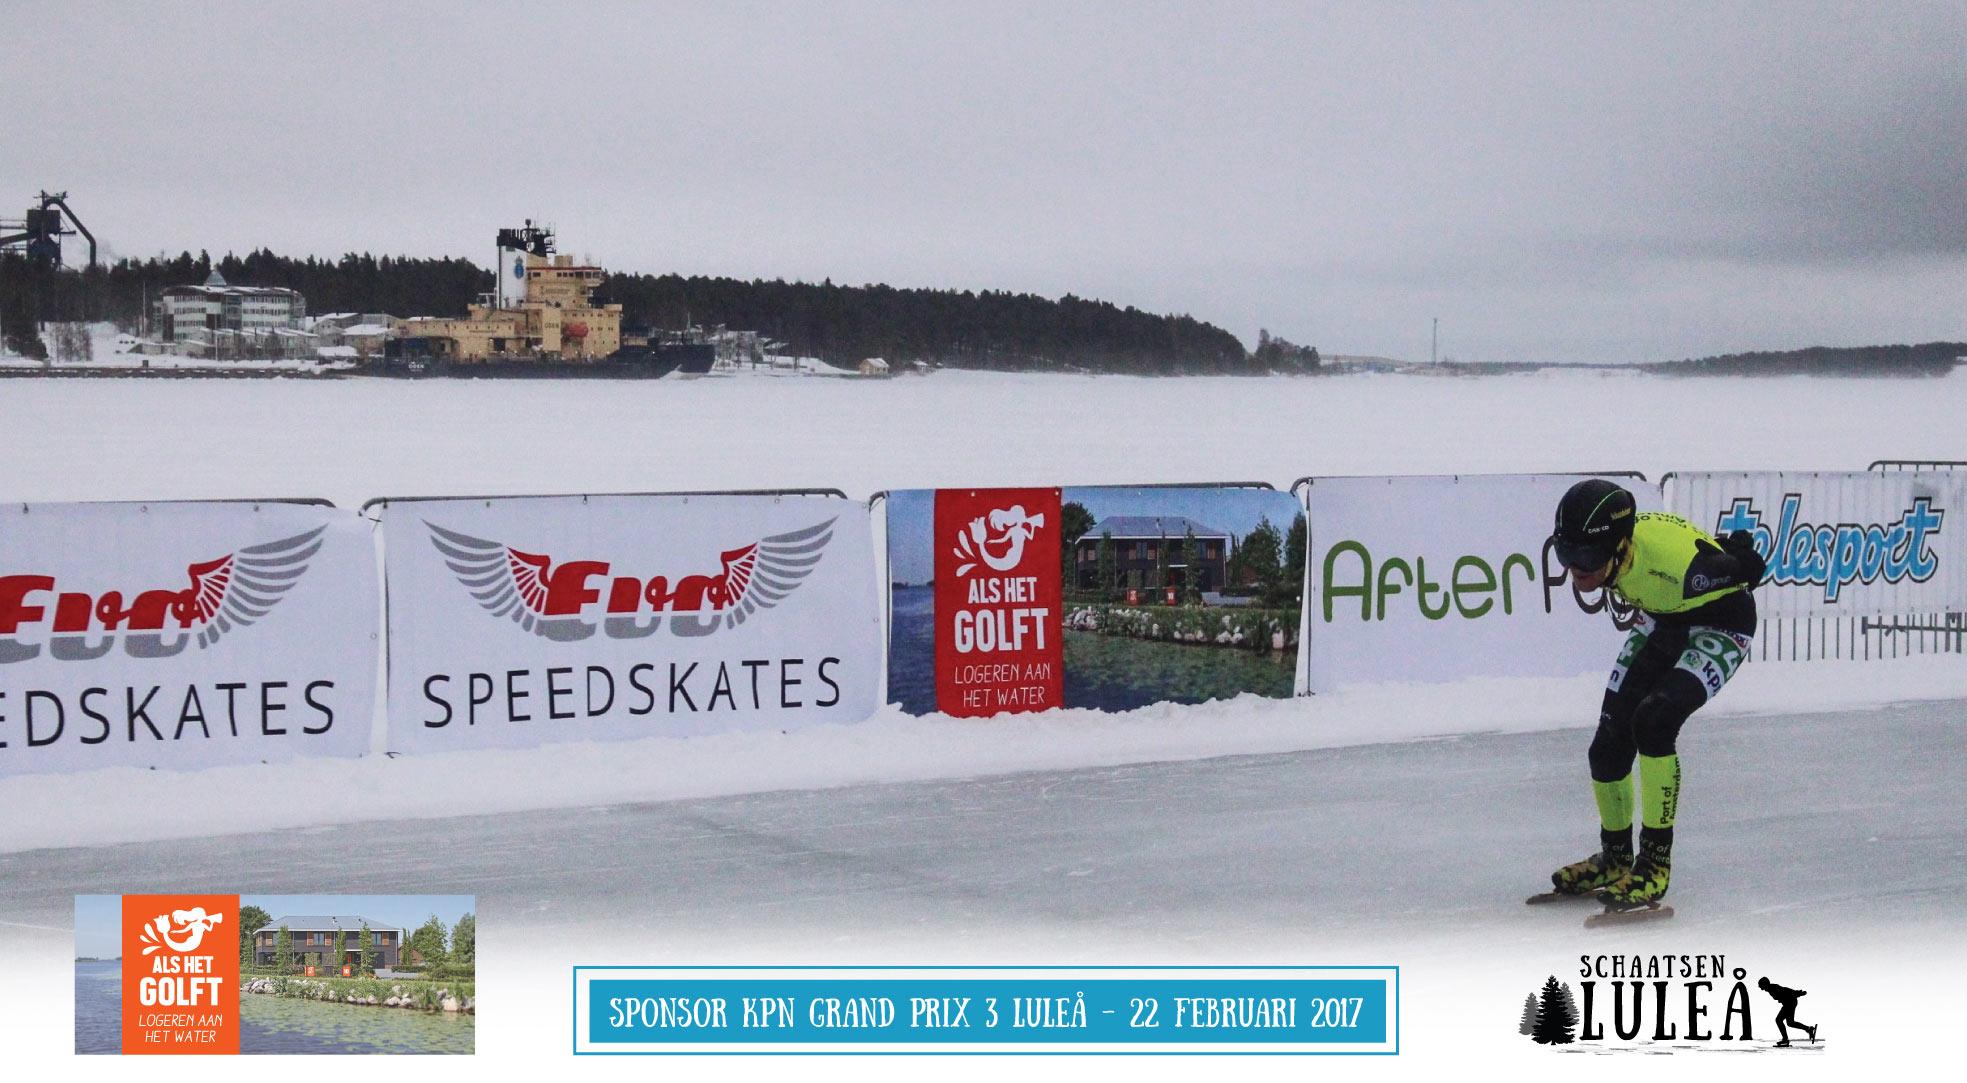 als-het-golft-lulea-schaatsen-kpn-grand-prix-zweden